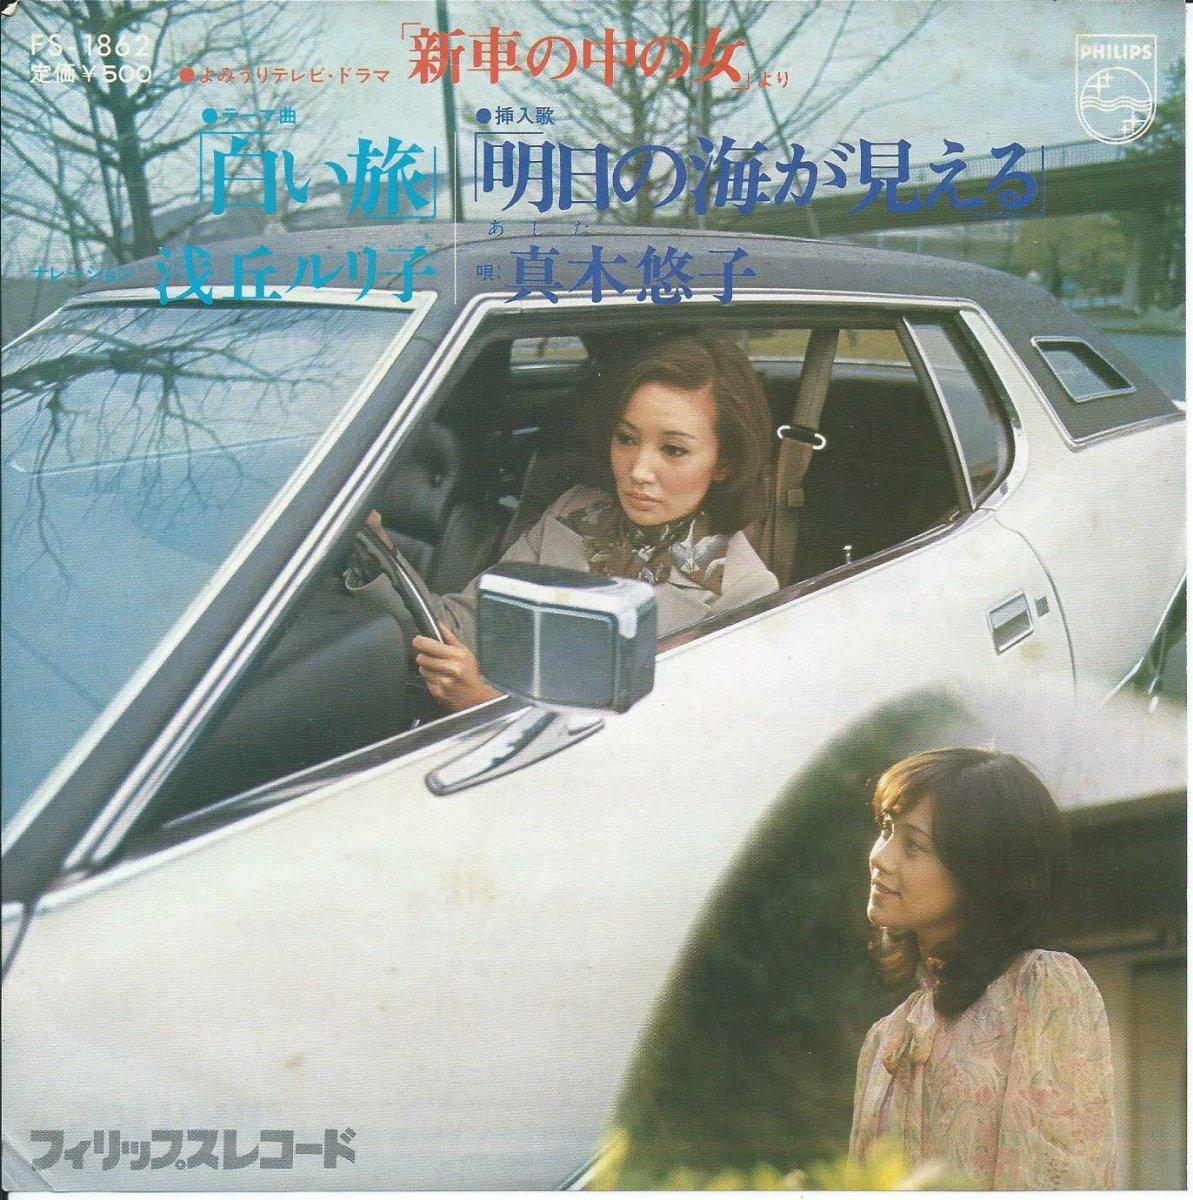 浅丘ルリ子 RURIKO ASAOKA,真木悠子 MAKI YUKO / 白い旅 / 明日の海がみえる (新車の中の女) (7